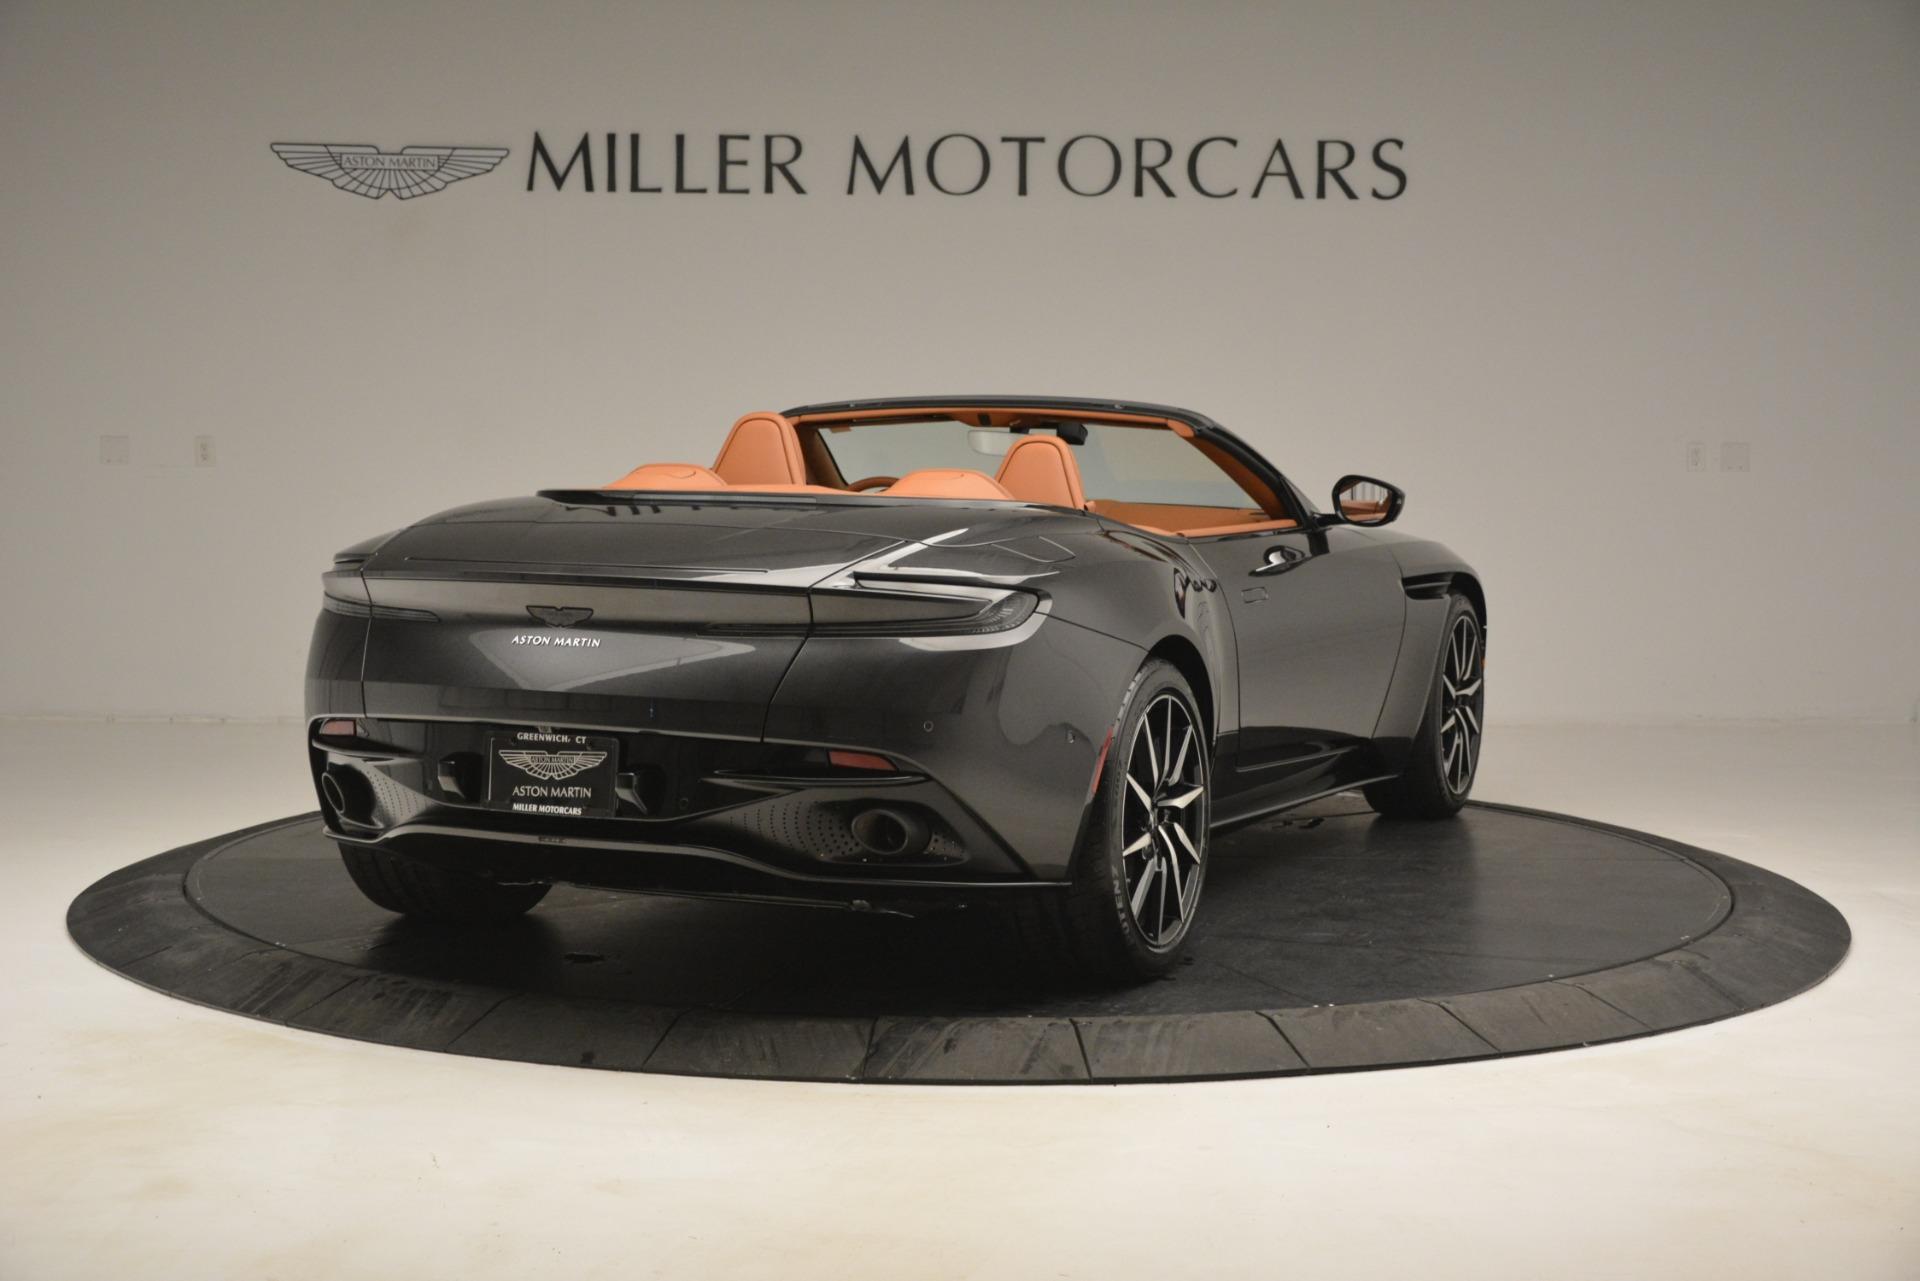 Used 2019 Aston Martin DB11 V8 Volante For Sale In Greenwich, CT 3434_p6